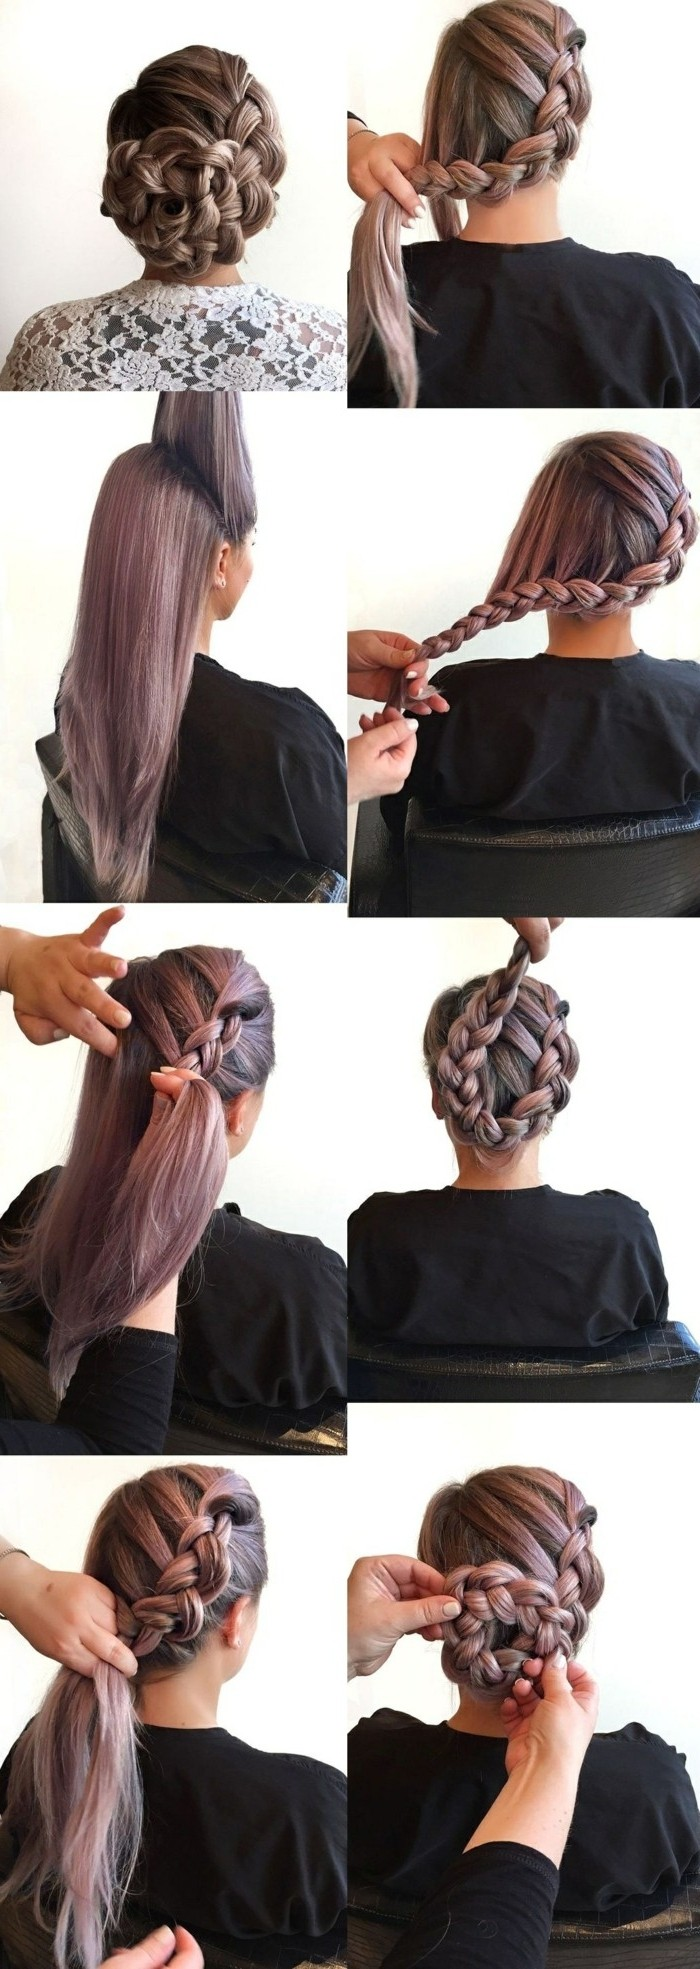 Tutorial per fare la treccia, treccia laterale, capelli lunghi